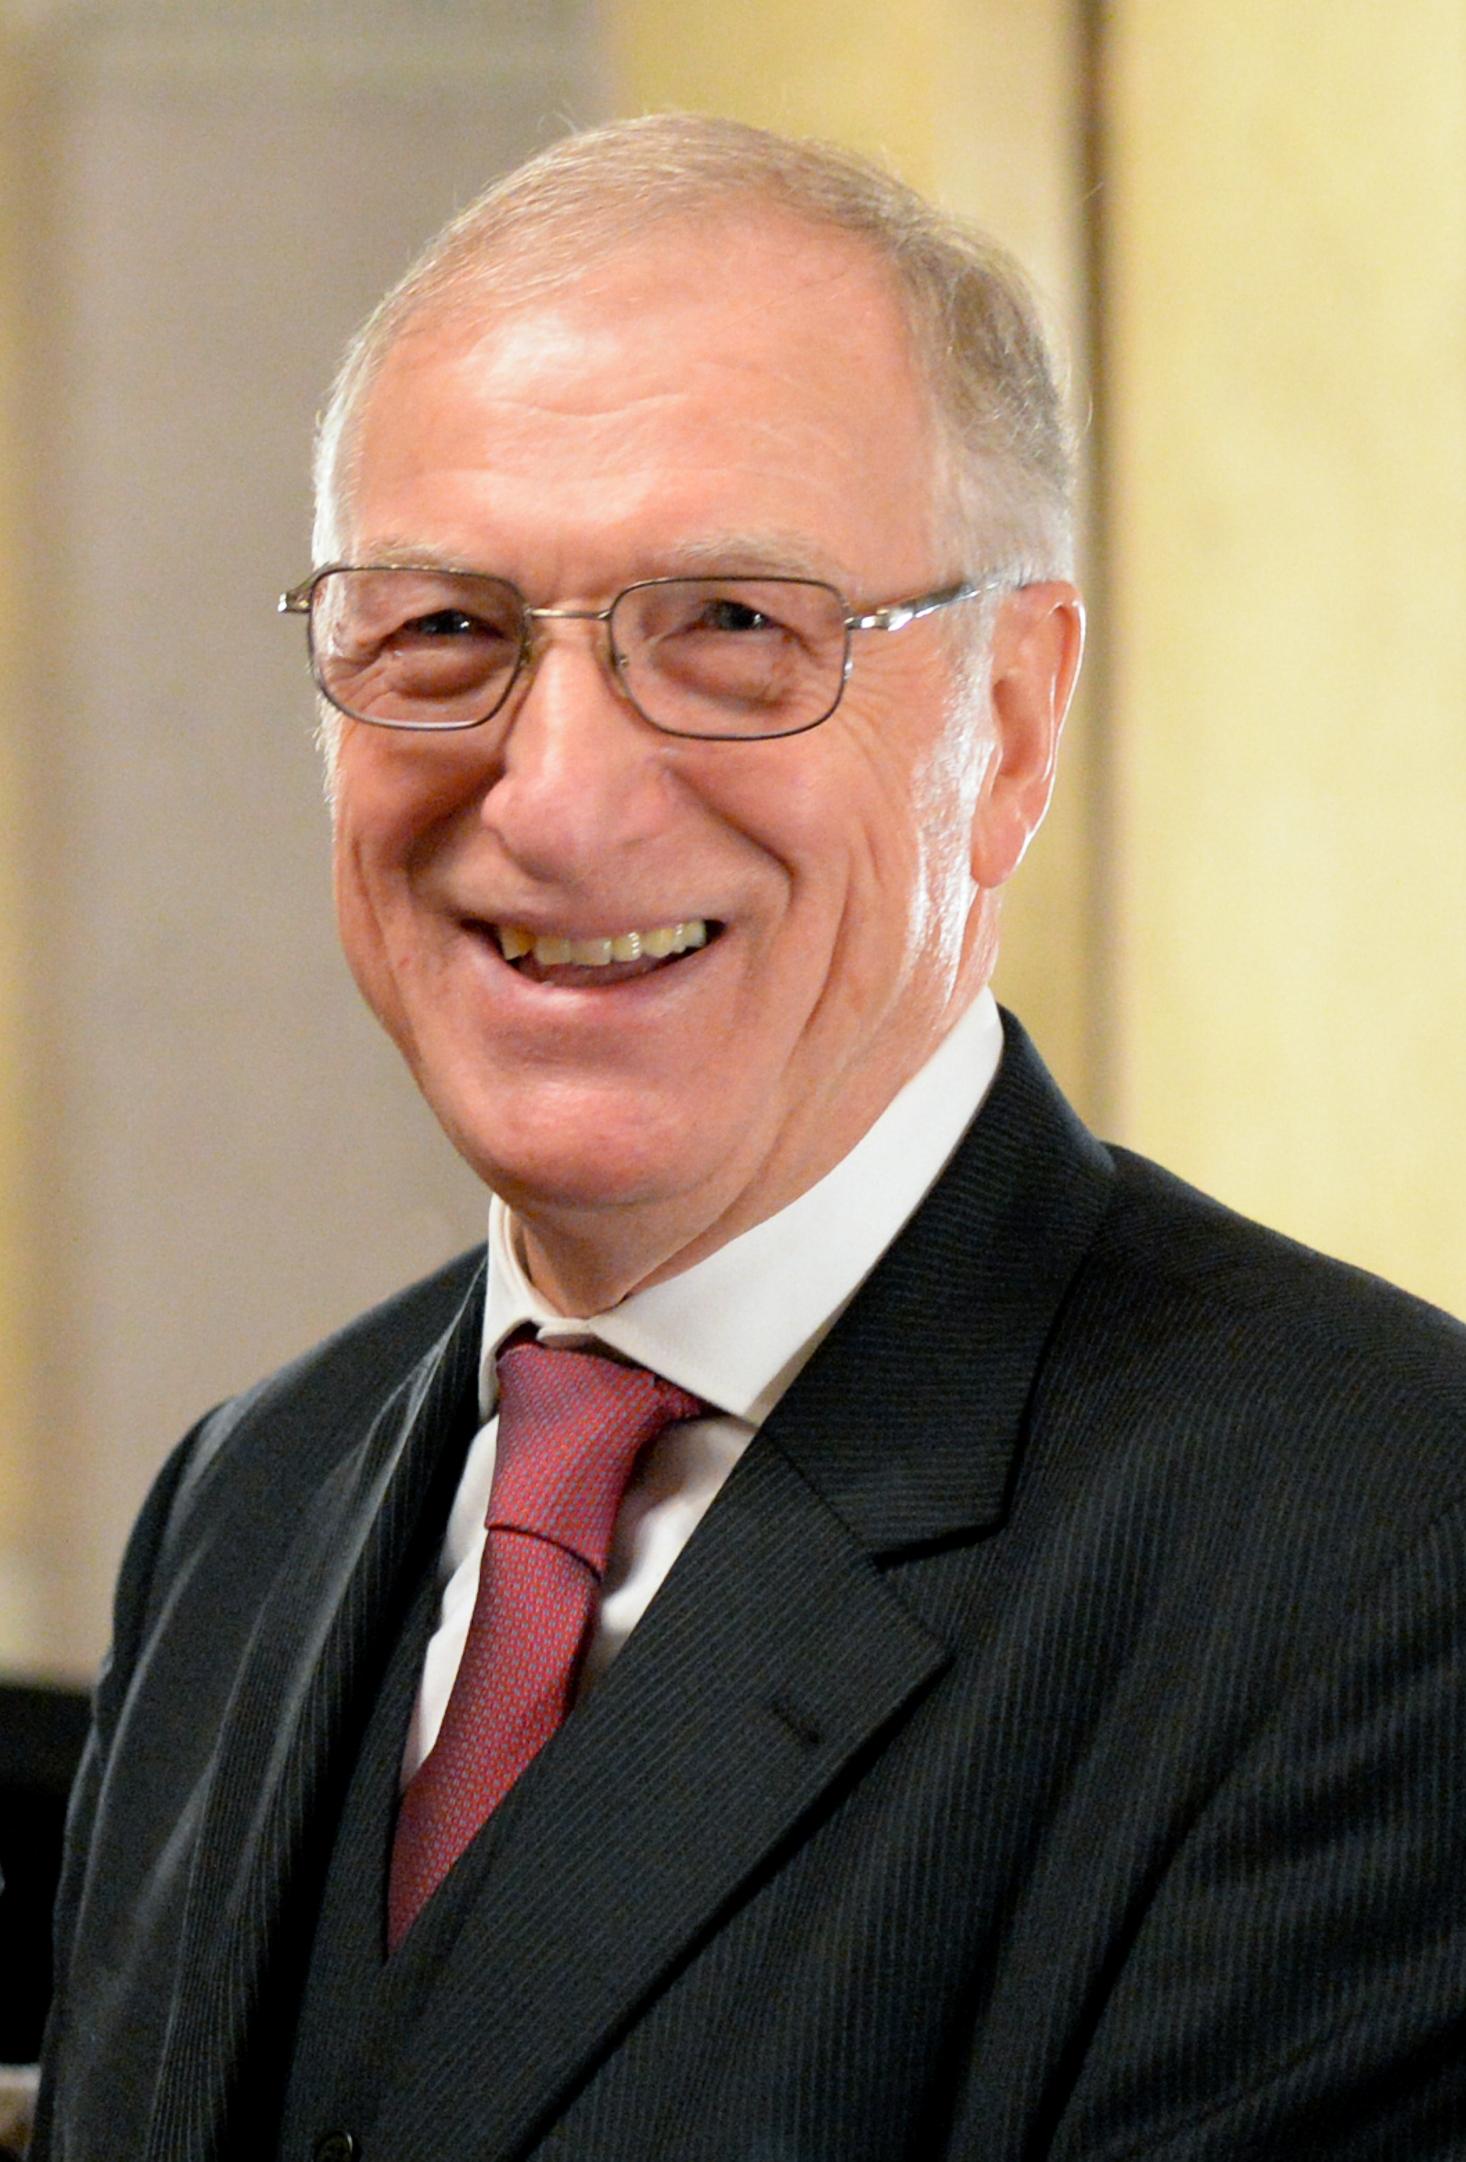 Dr. Johann Hisch